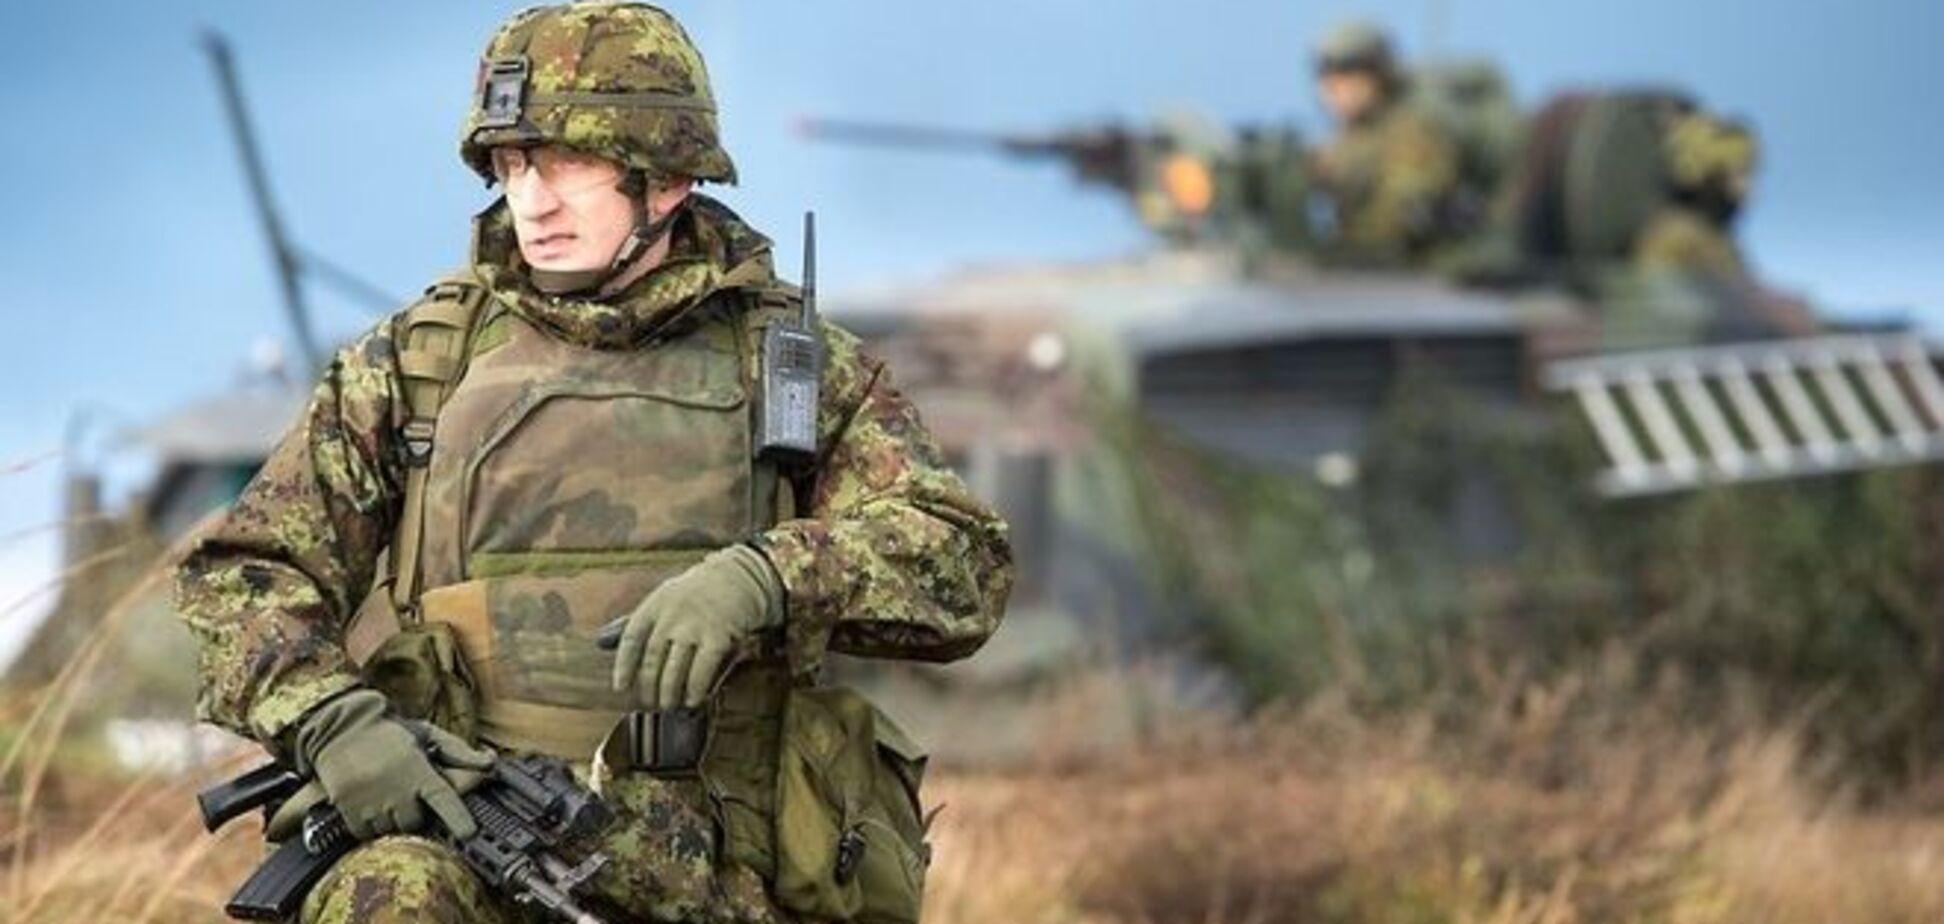 Виновата Россия и 'ИГИЛ': НАТО проведет крупнейшие за 13 лет учения